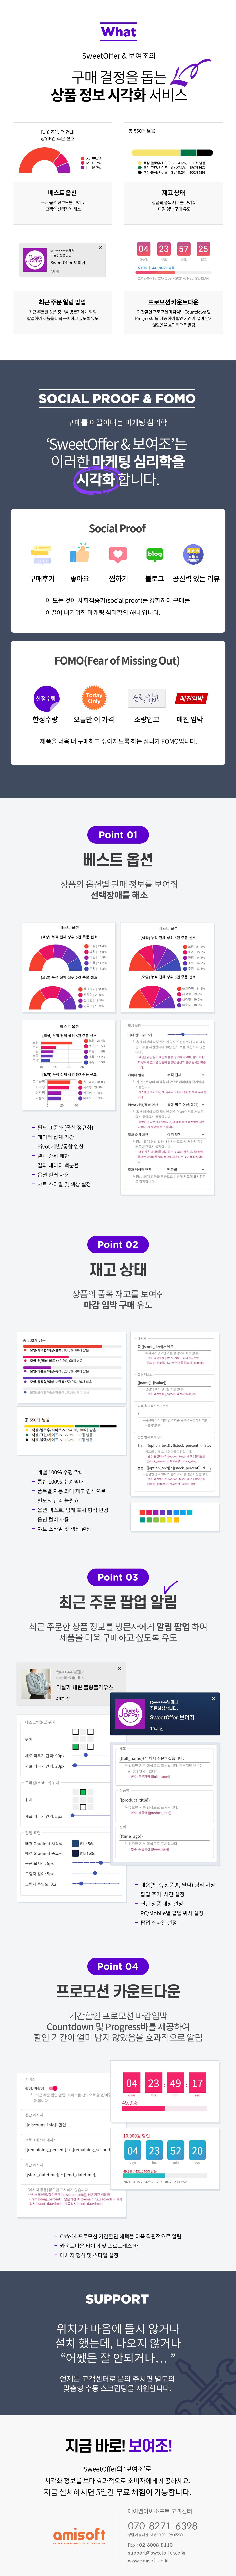 에이엠아이소프트 | amisoft - SweetOffer 보여조 설명 - Cafe24 앱스토어